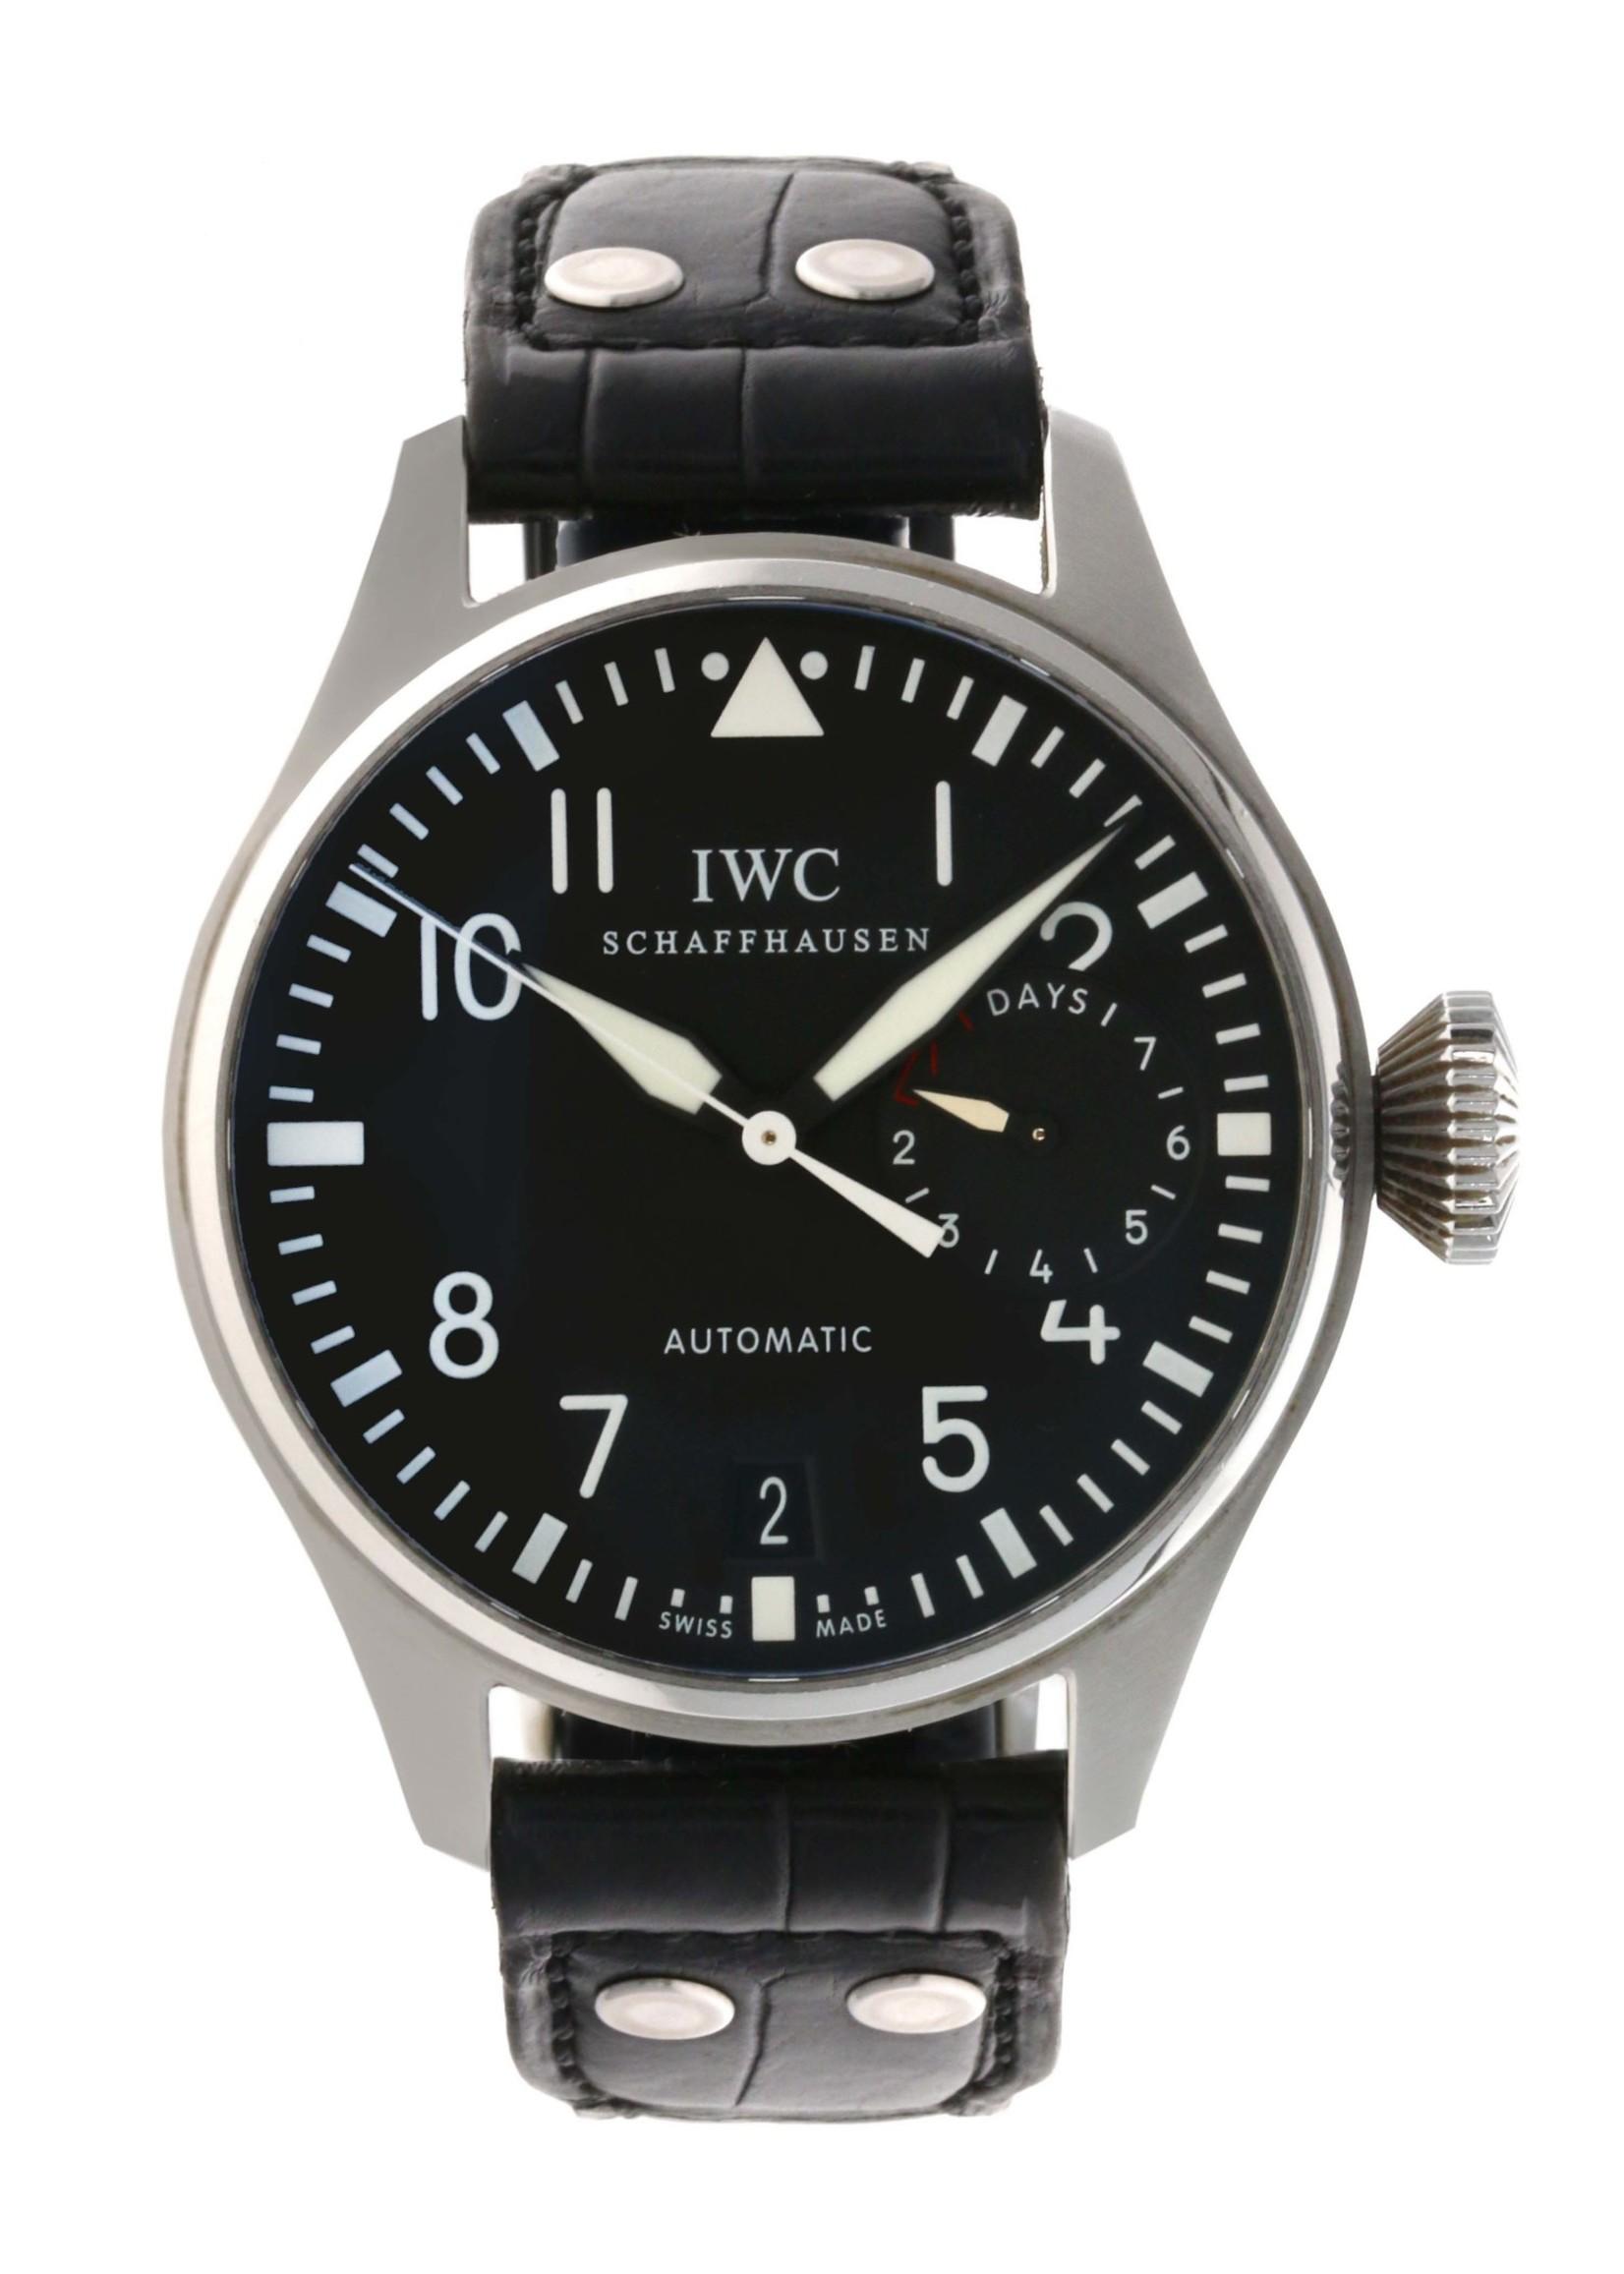 IWC IWC BIG PILOTS WATCH (2007 B+SP)